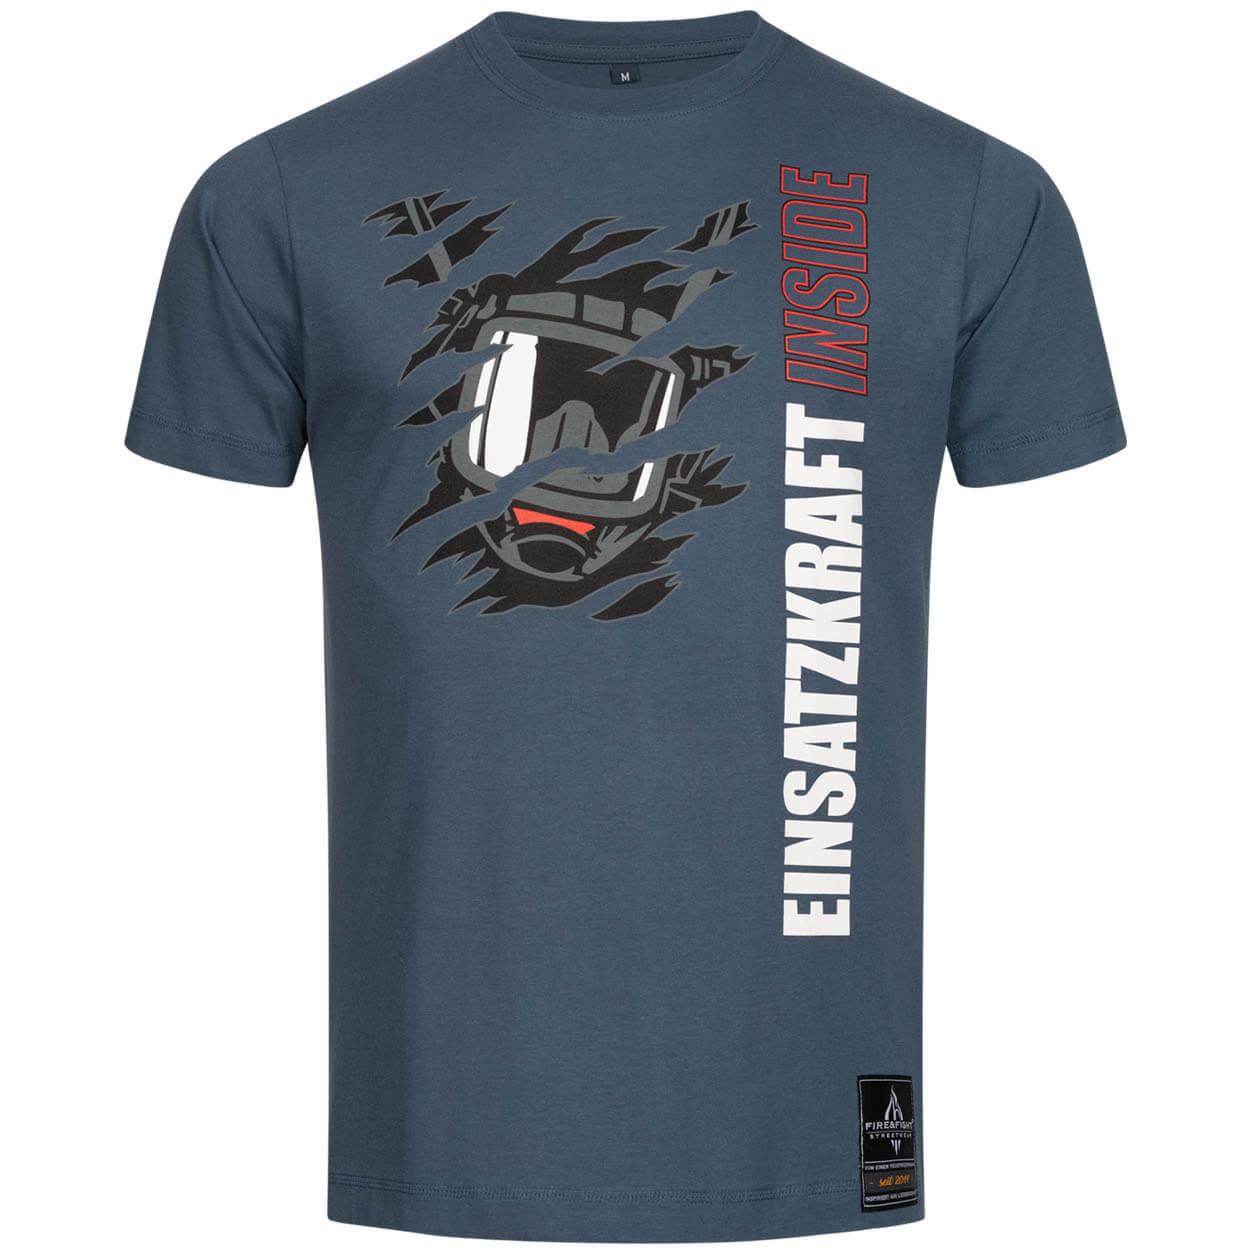 Einsatzkraft® INSIDE Feuerwehr Männer T-Shirt light navy